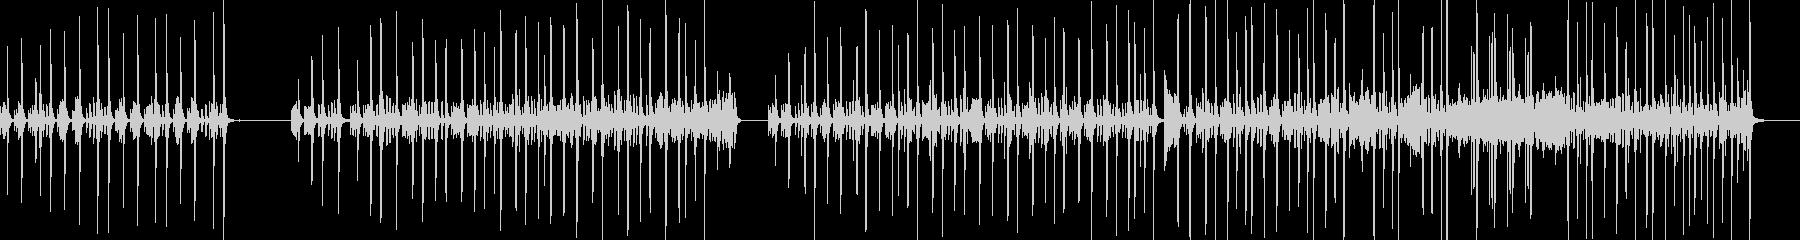 ドラム、スネア、マーチリズム、3バ...の未再生の波形